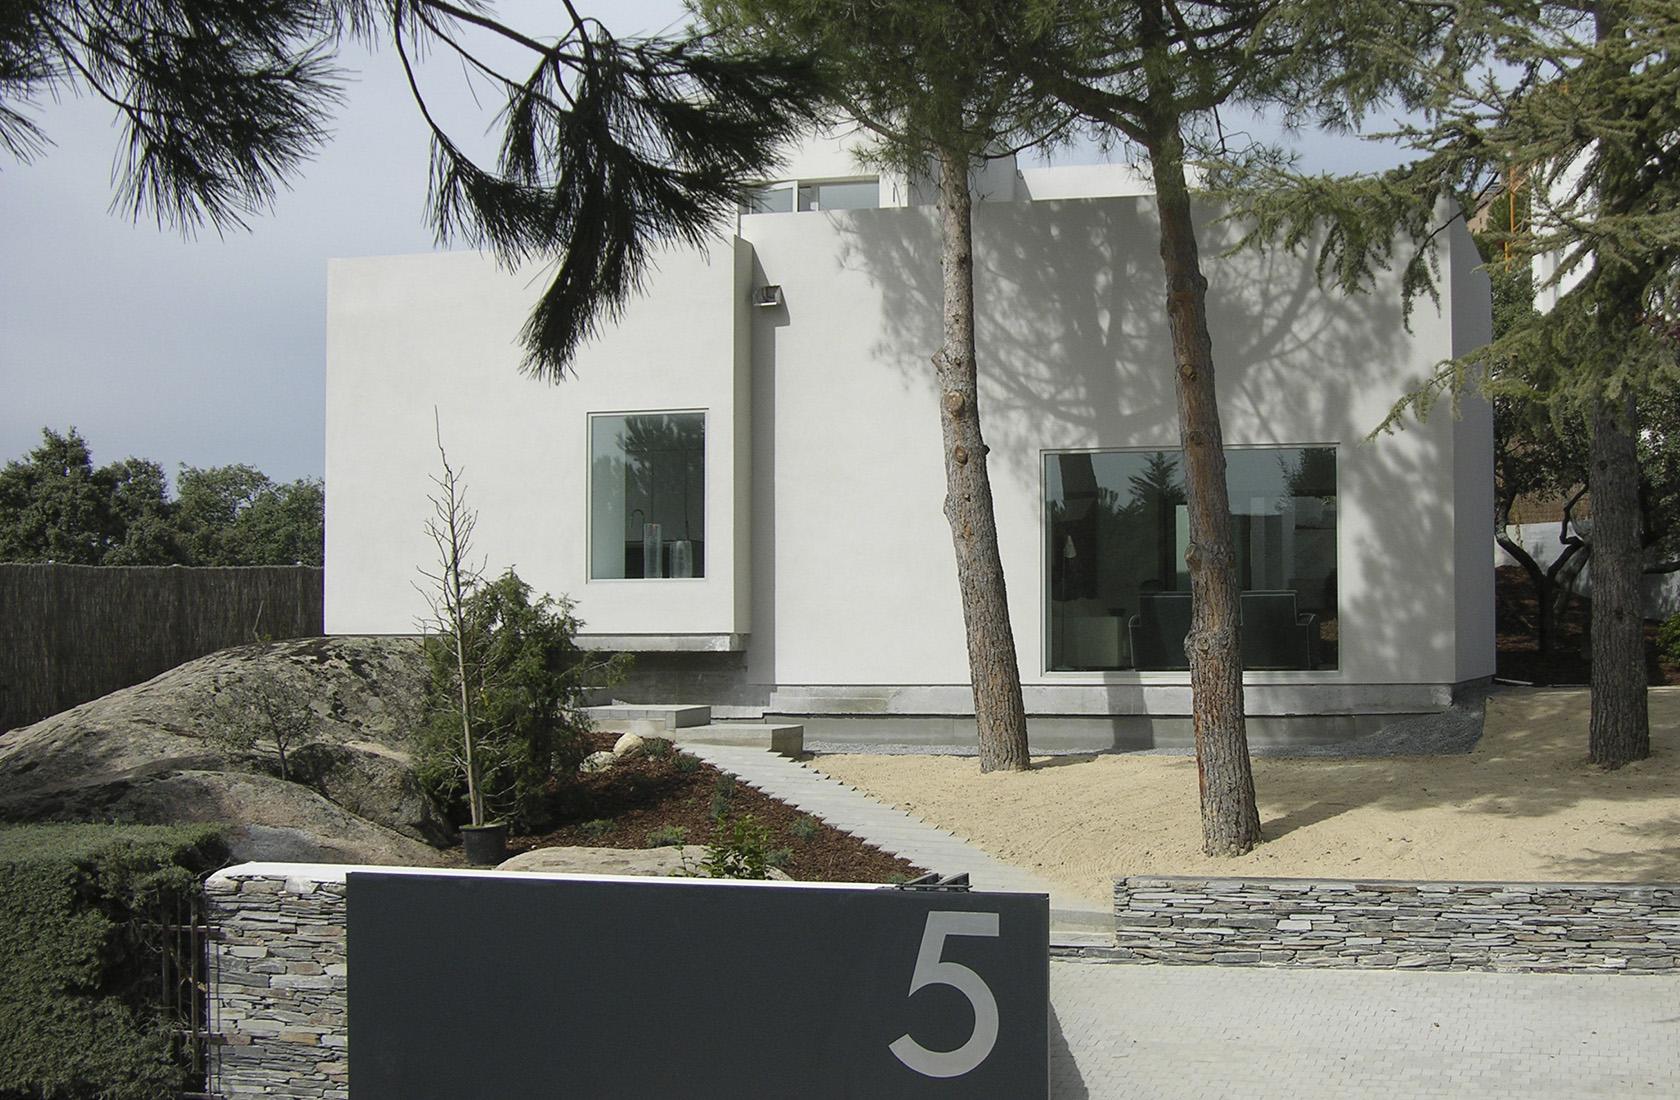 Casa pico exterior 01